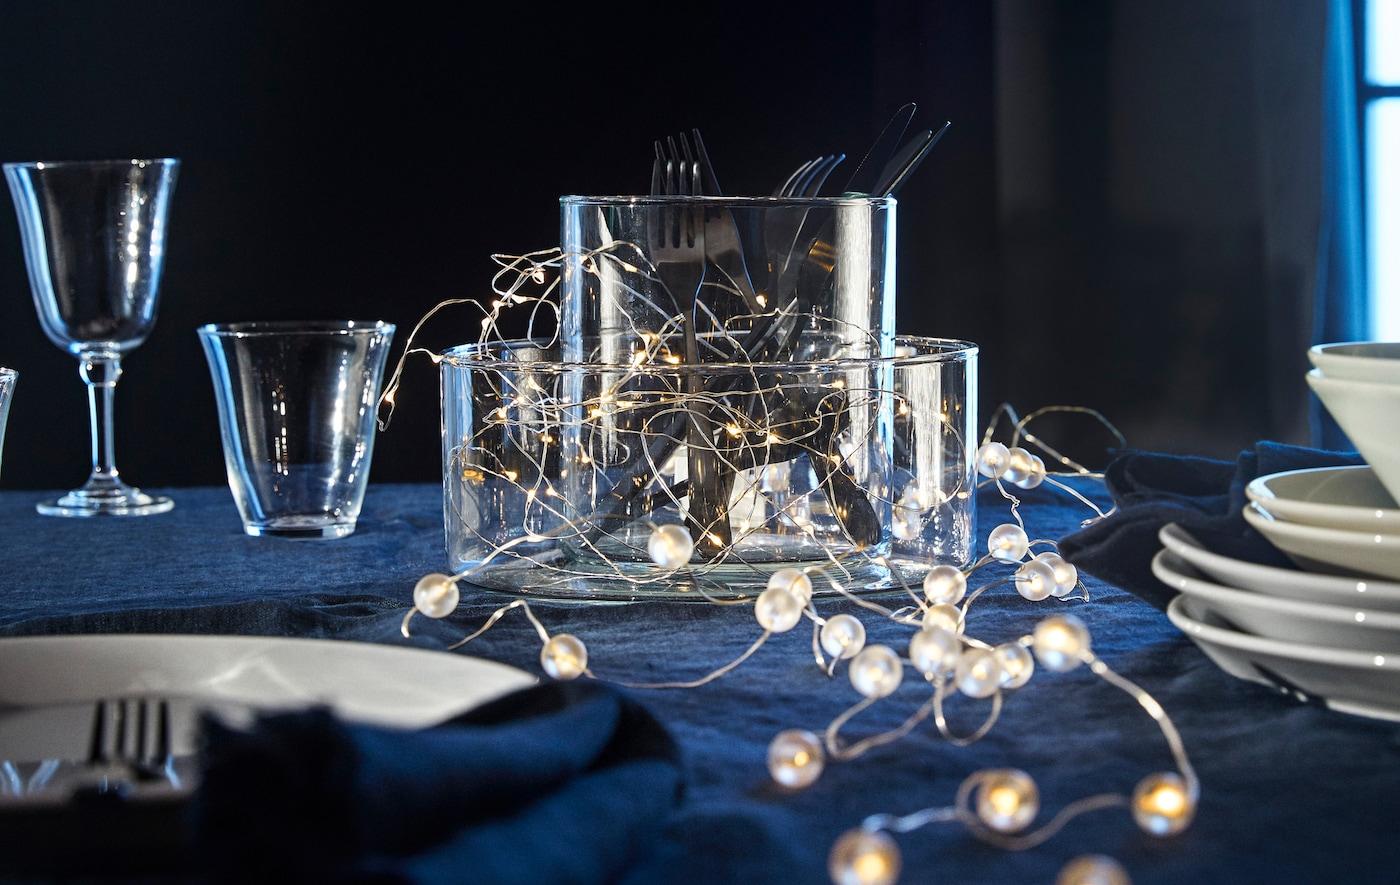 Die Weihnachtszeit ist da! Mit Lichterketten im Raum oder auf deinem Tisch wird alles gleich noch viel zauberhafter.